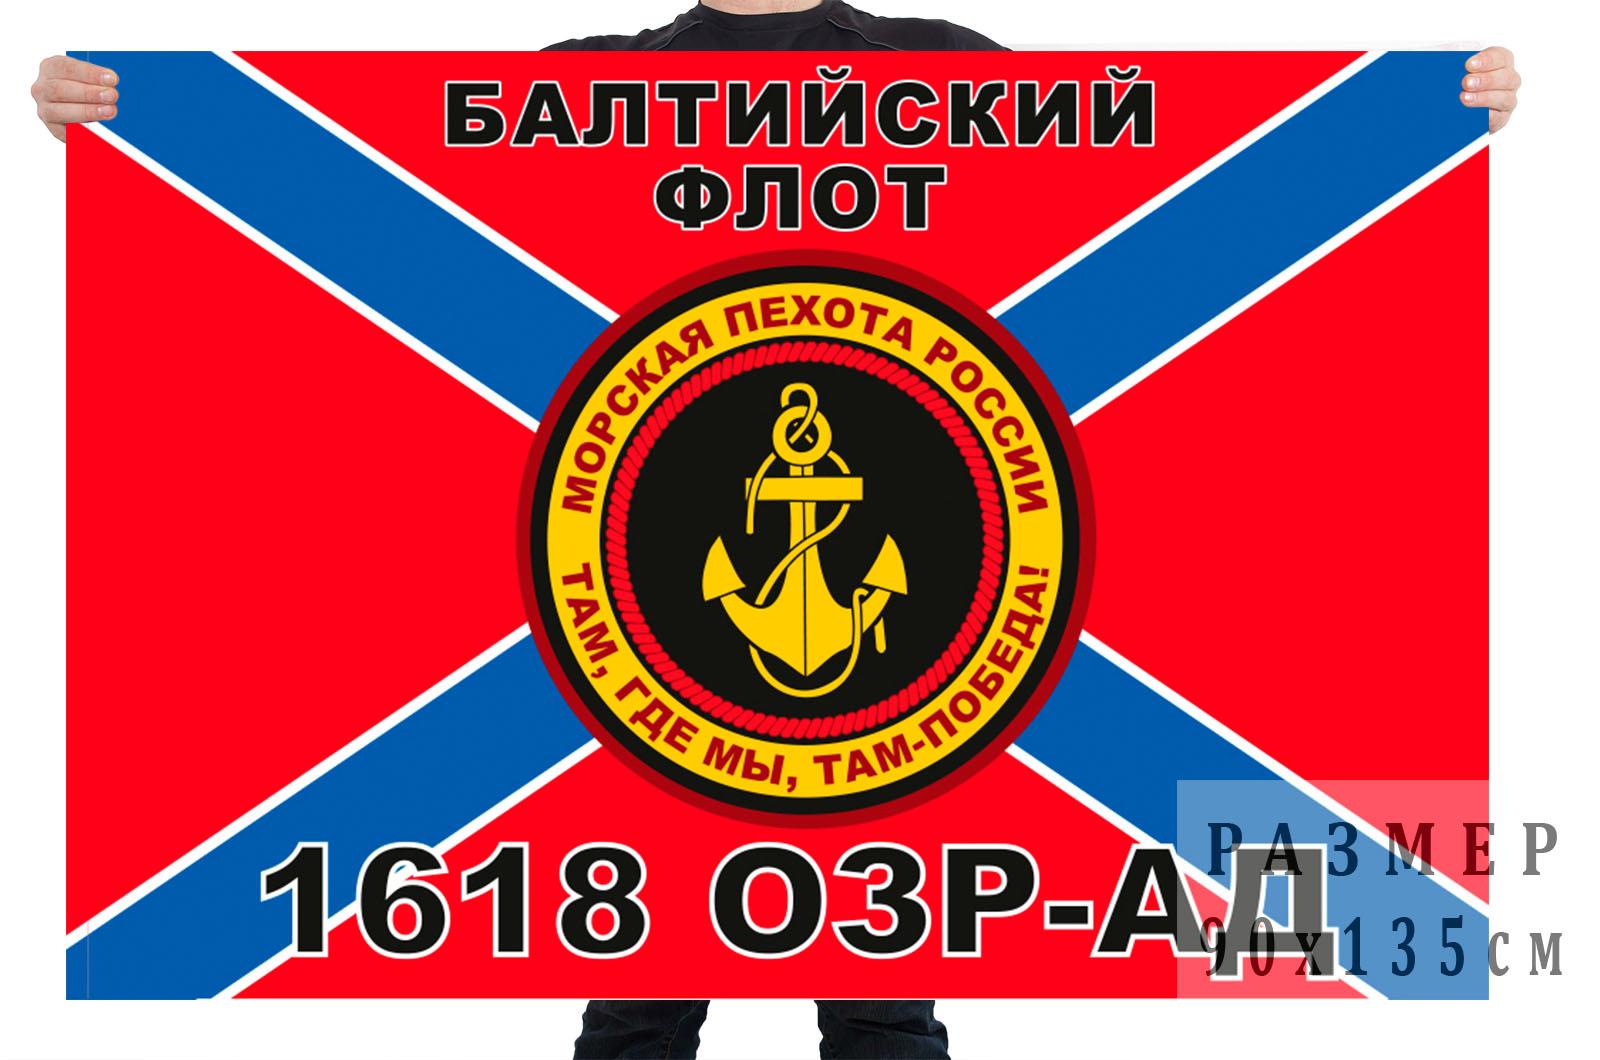 Флаг 1618 отдельного зенитного ракетно-артиллерийского дивизиона Балтийского флота